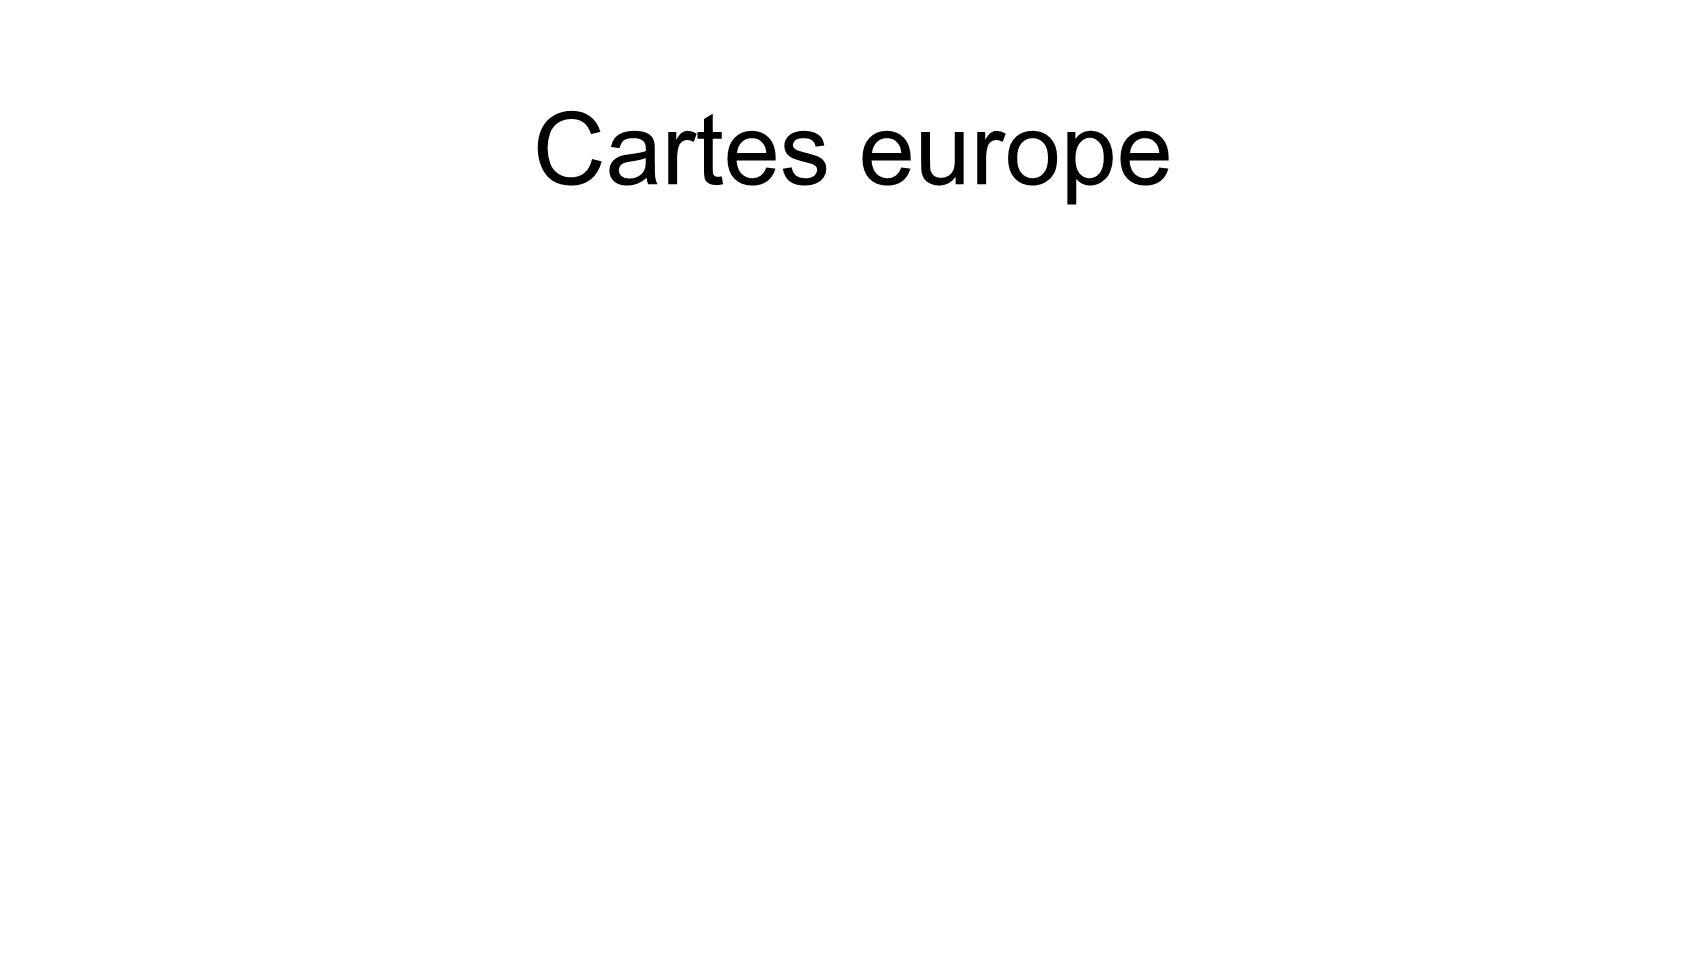 Cartes europe